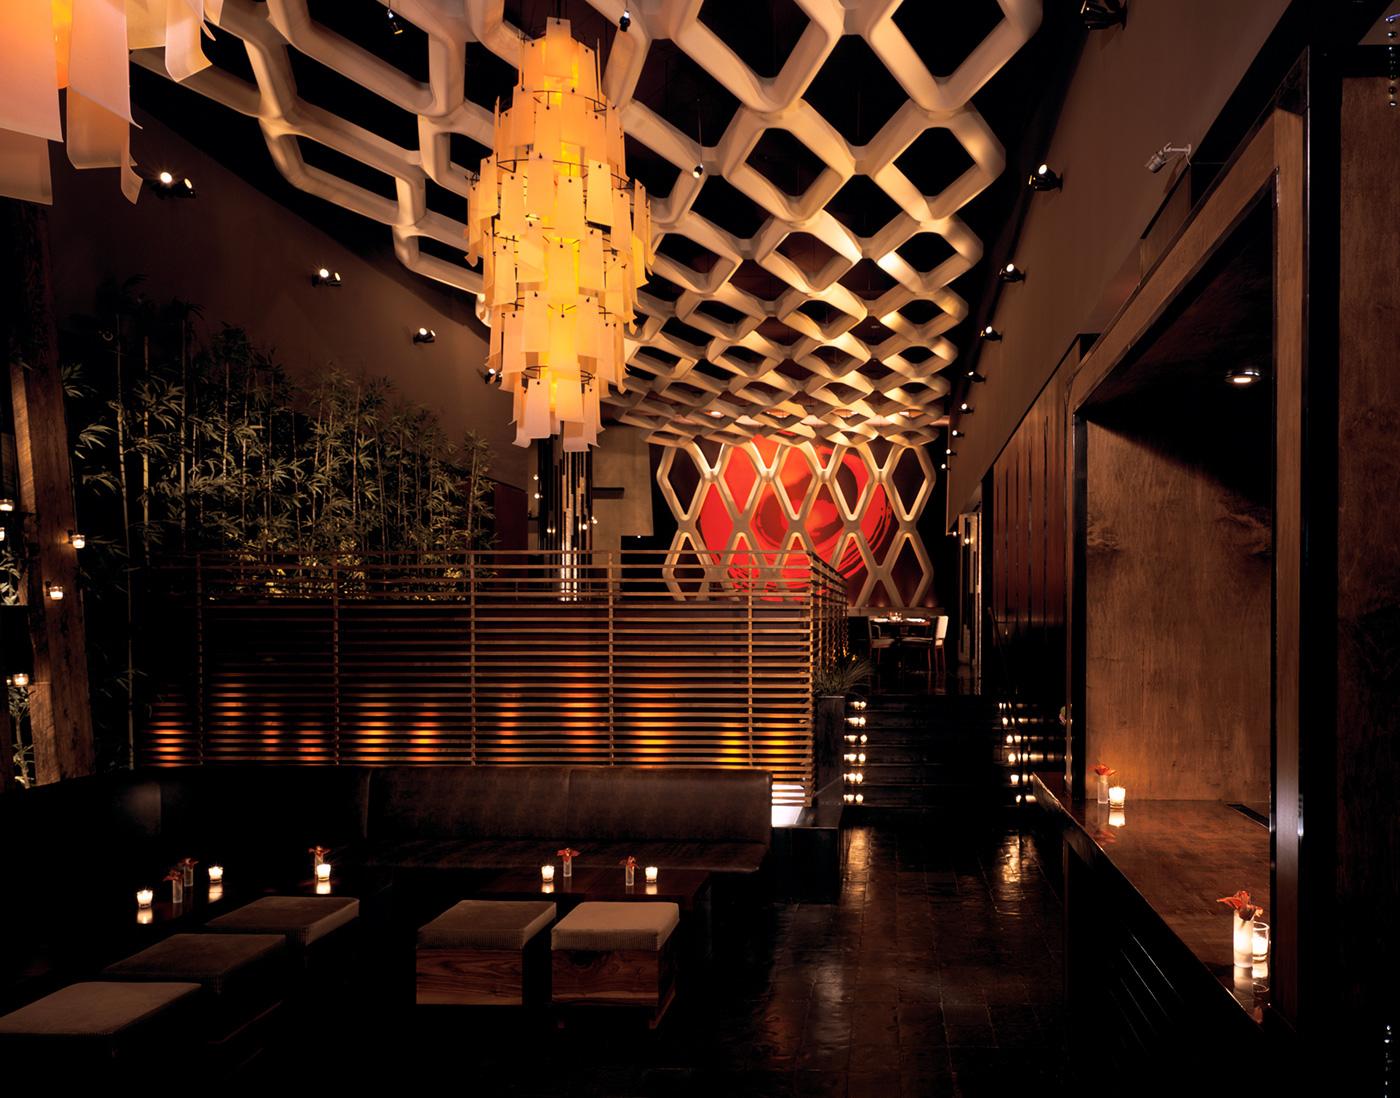 Koi restaurant on behance for Koi new york